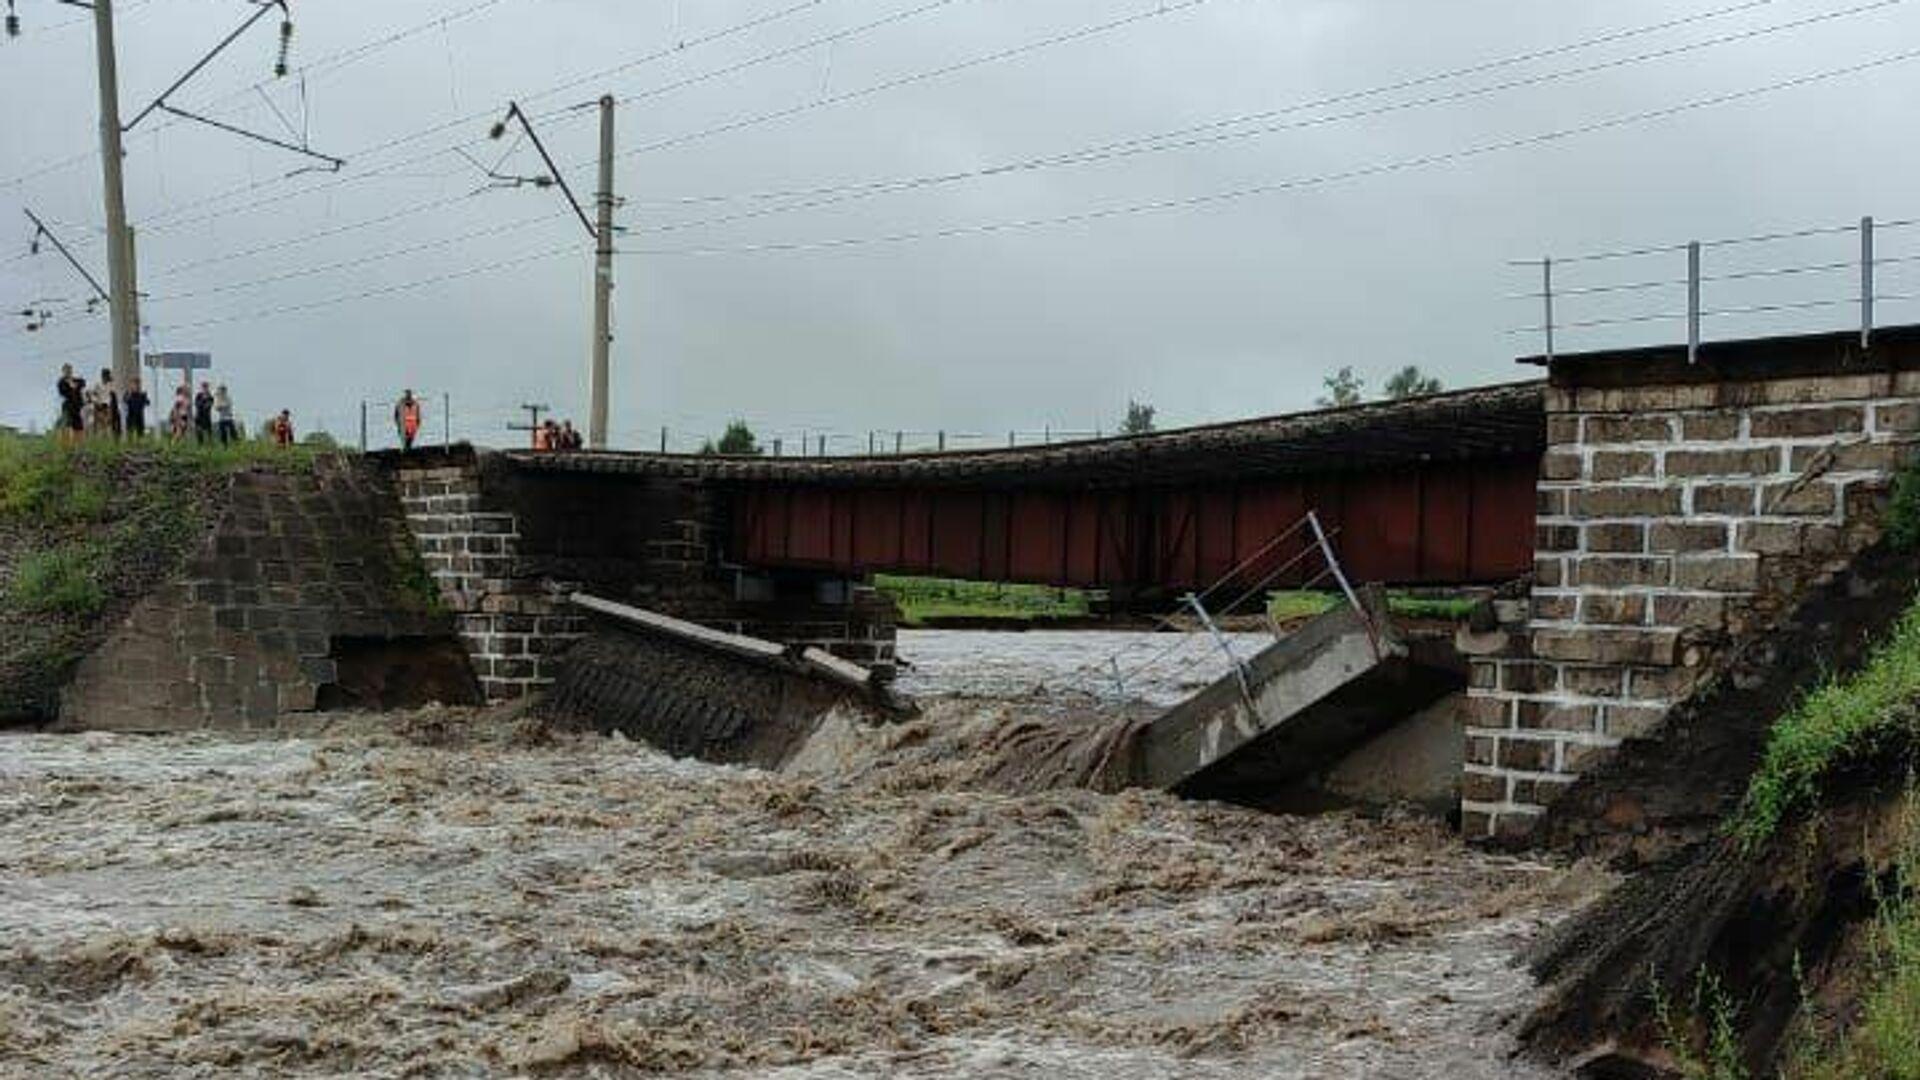 Частичное обрушение железнодорожного моста в районе села Дунаево Сретенского района Забайкалья - РИА Новости, 1920, 24.07.2021